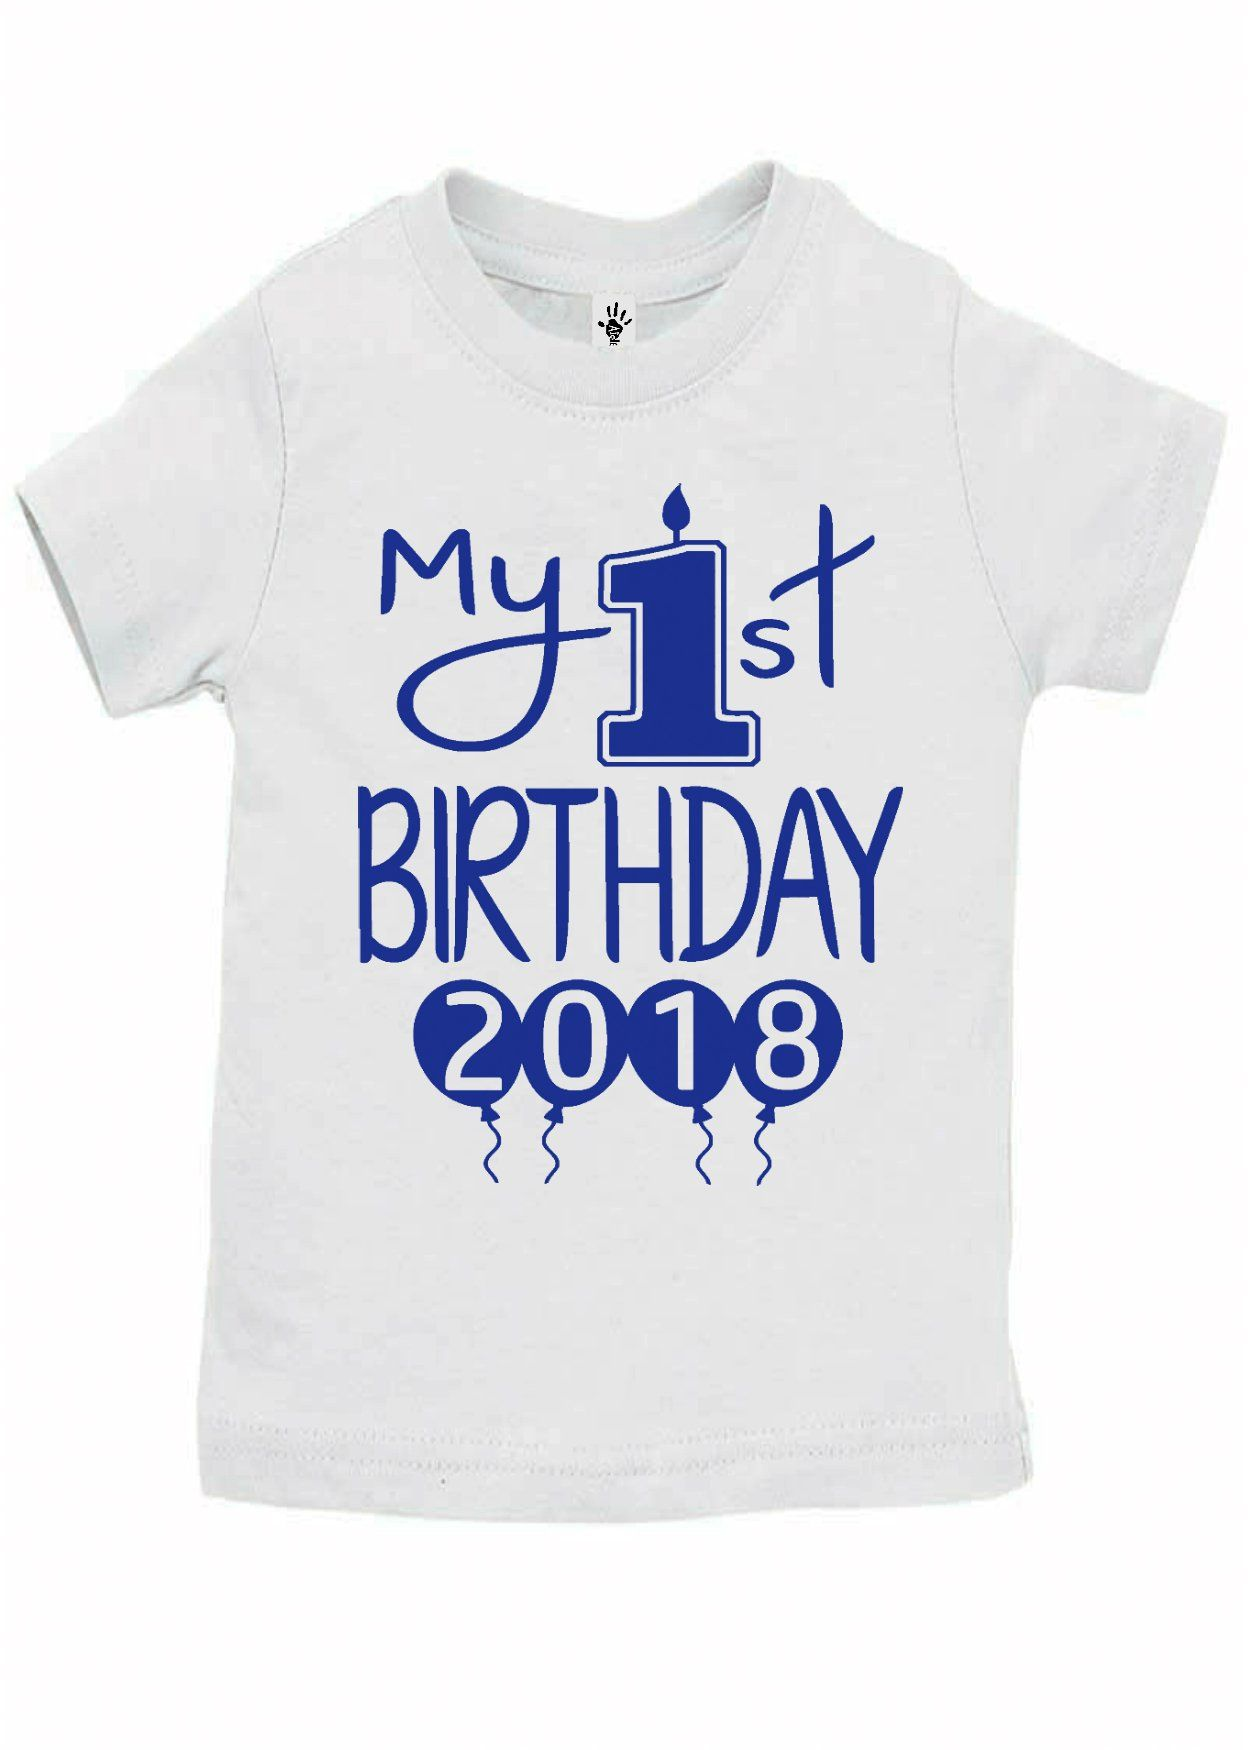 Baby Boy My 1st Birthday 2018 Shirts